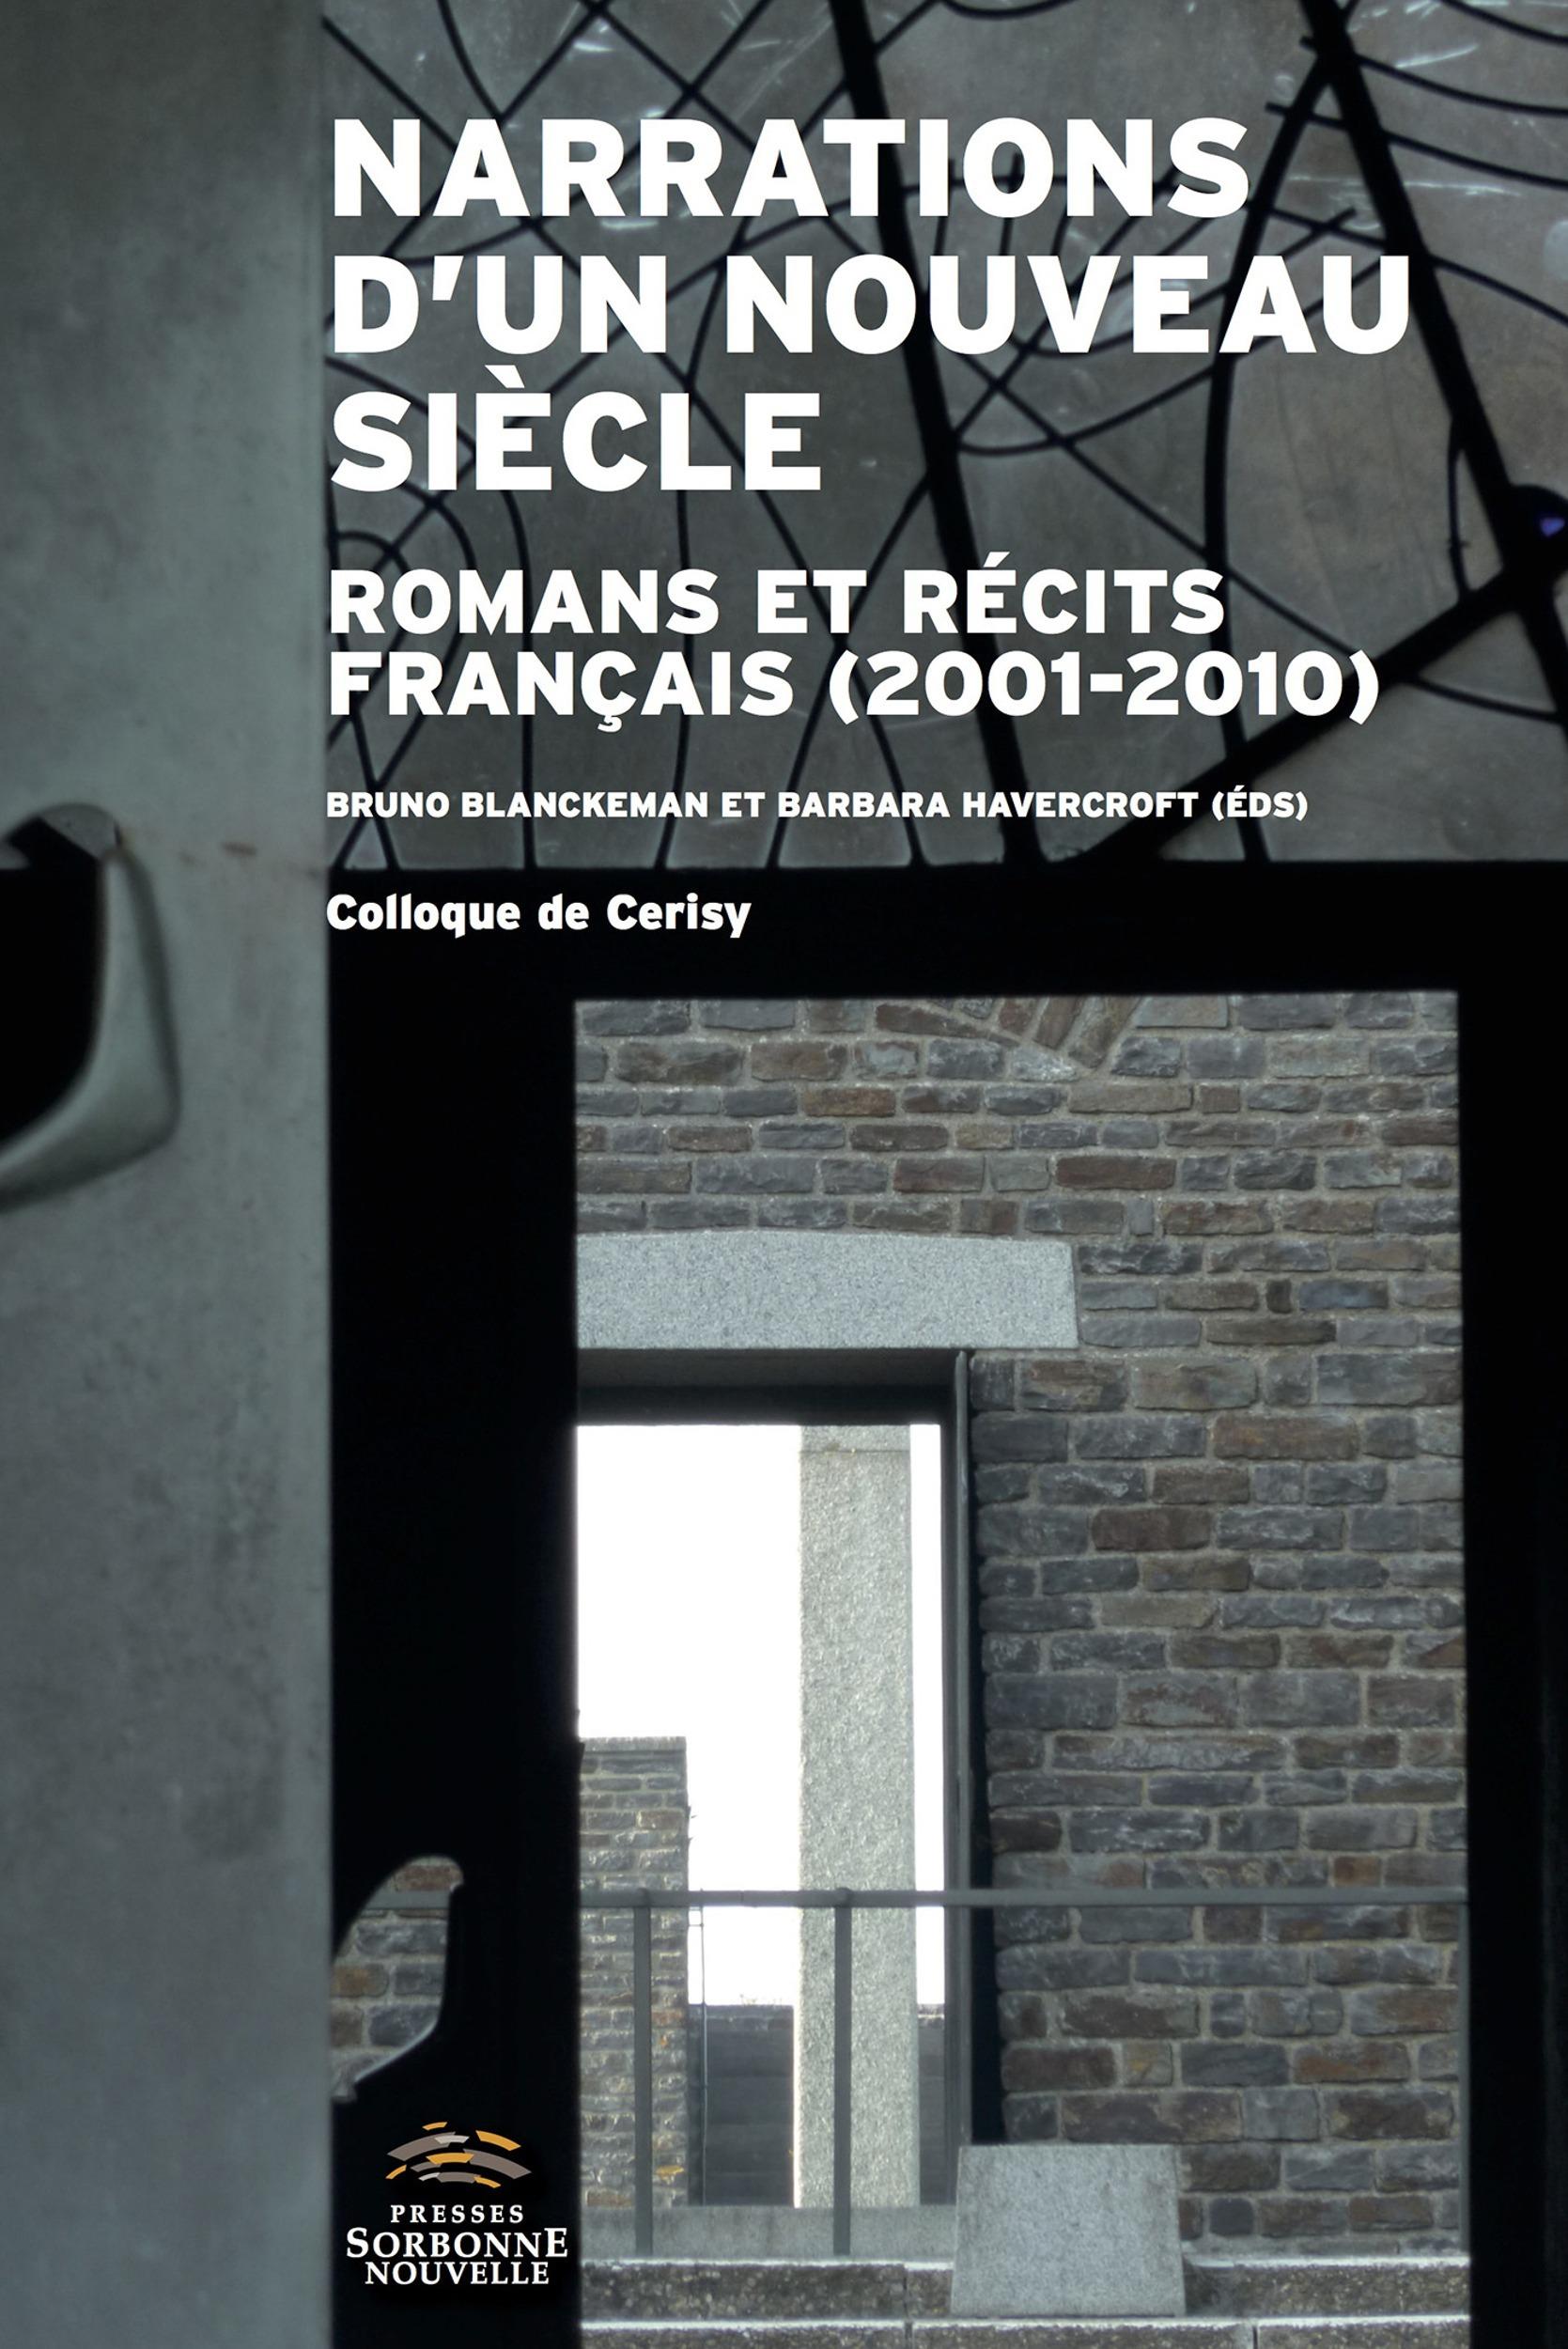 Narrations d'un nouveau siecle. romans et recits francais (2001-2010)